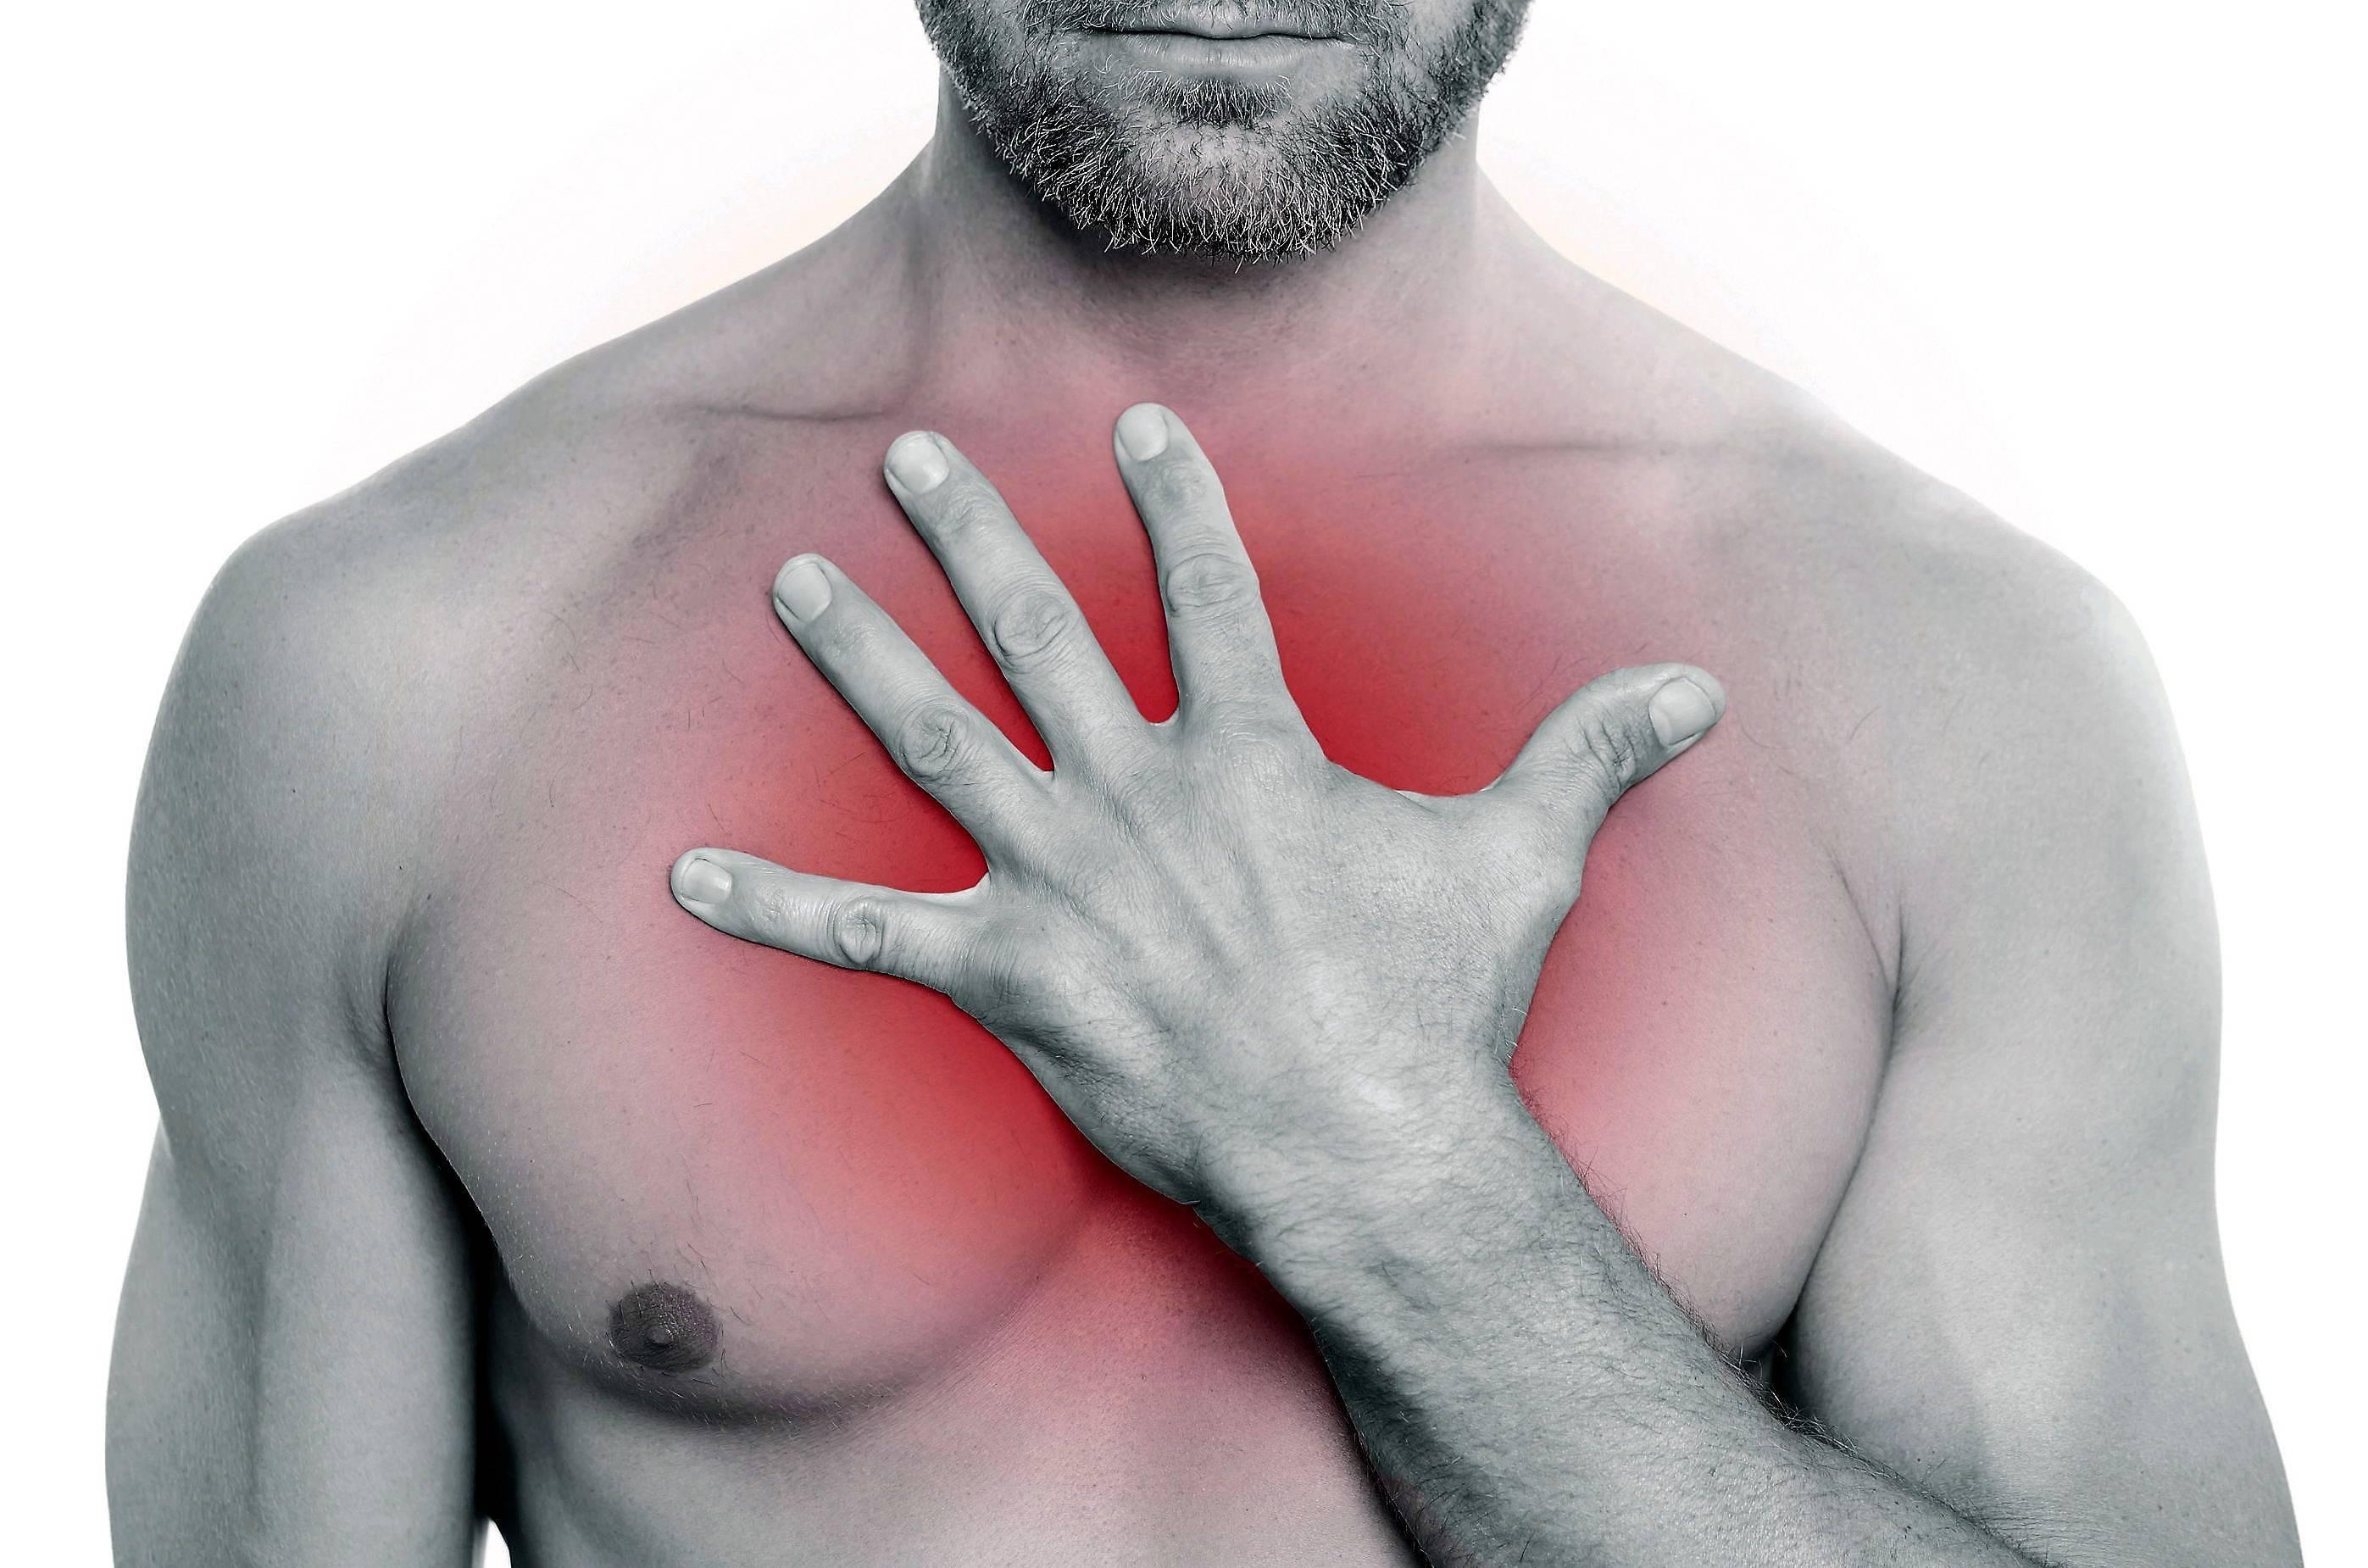 Из-за чего возникает жжение в легких и грудной клетке?